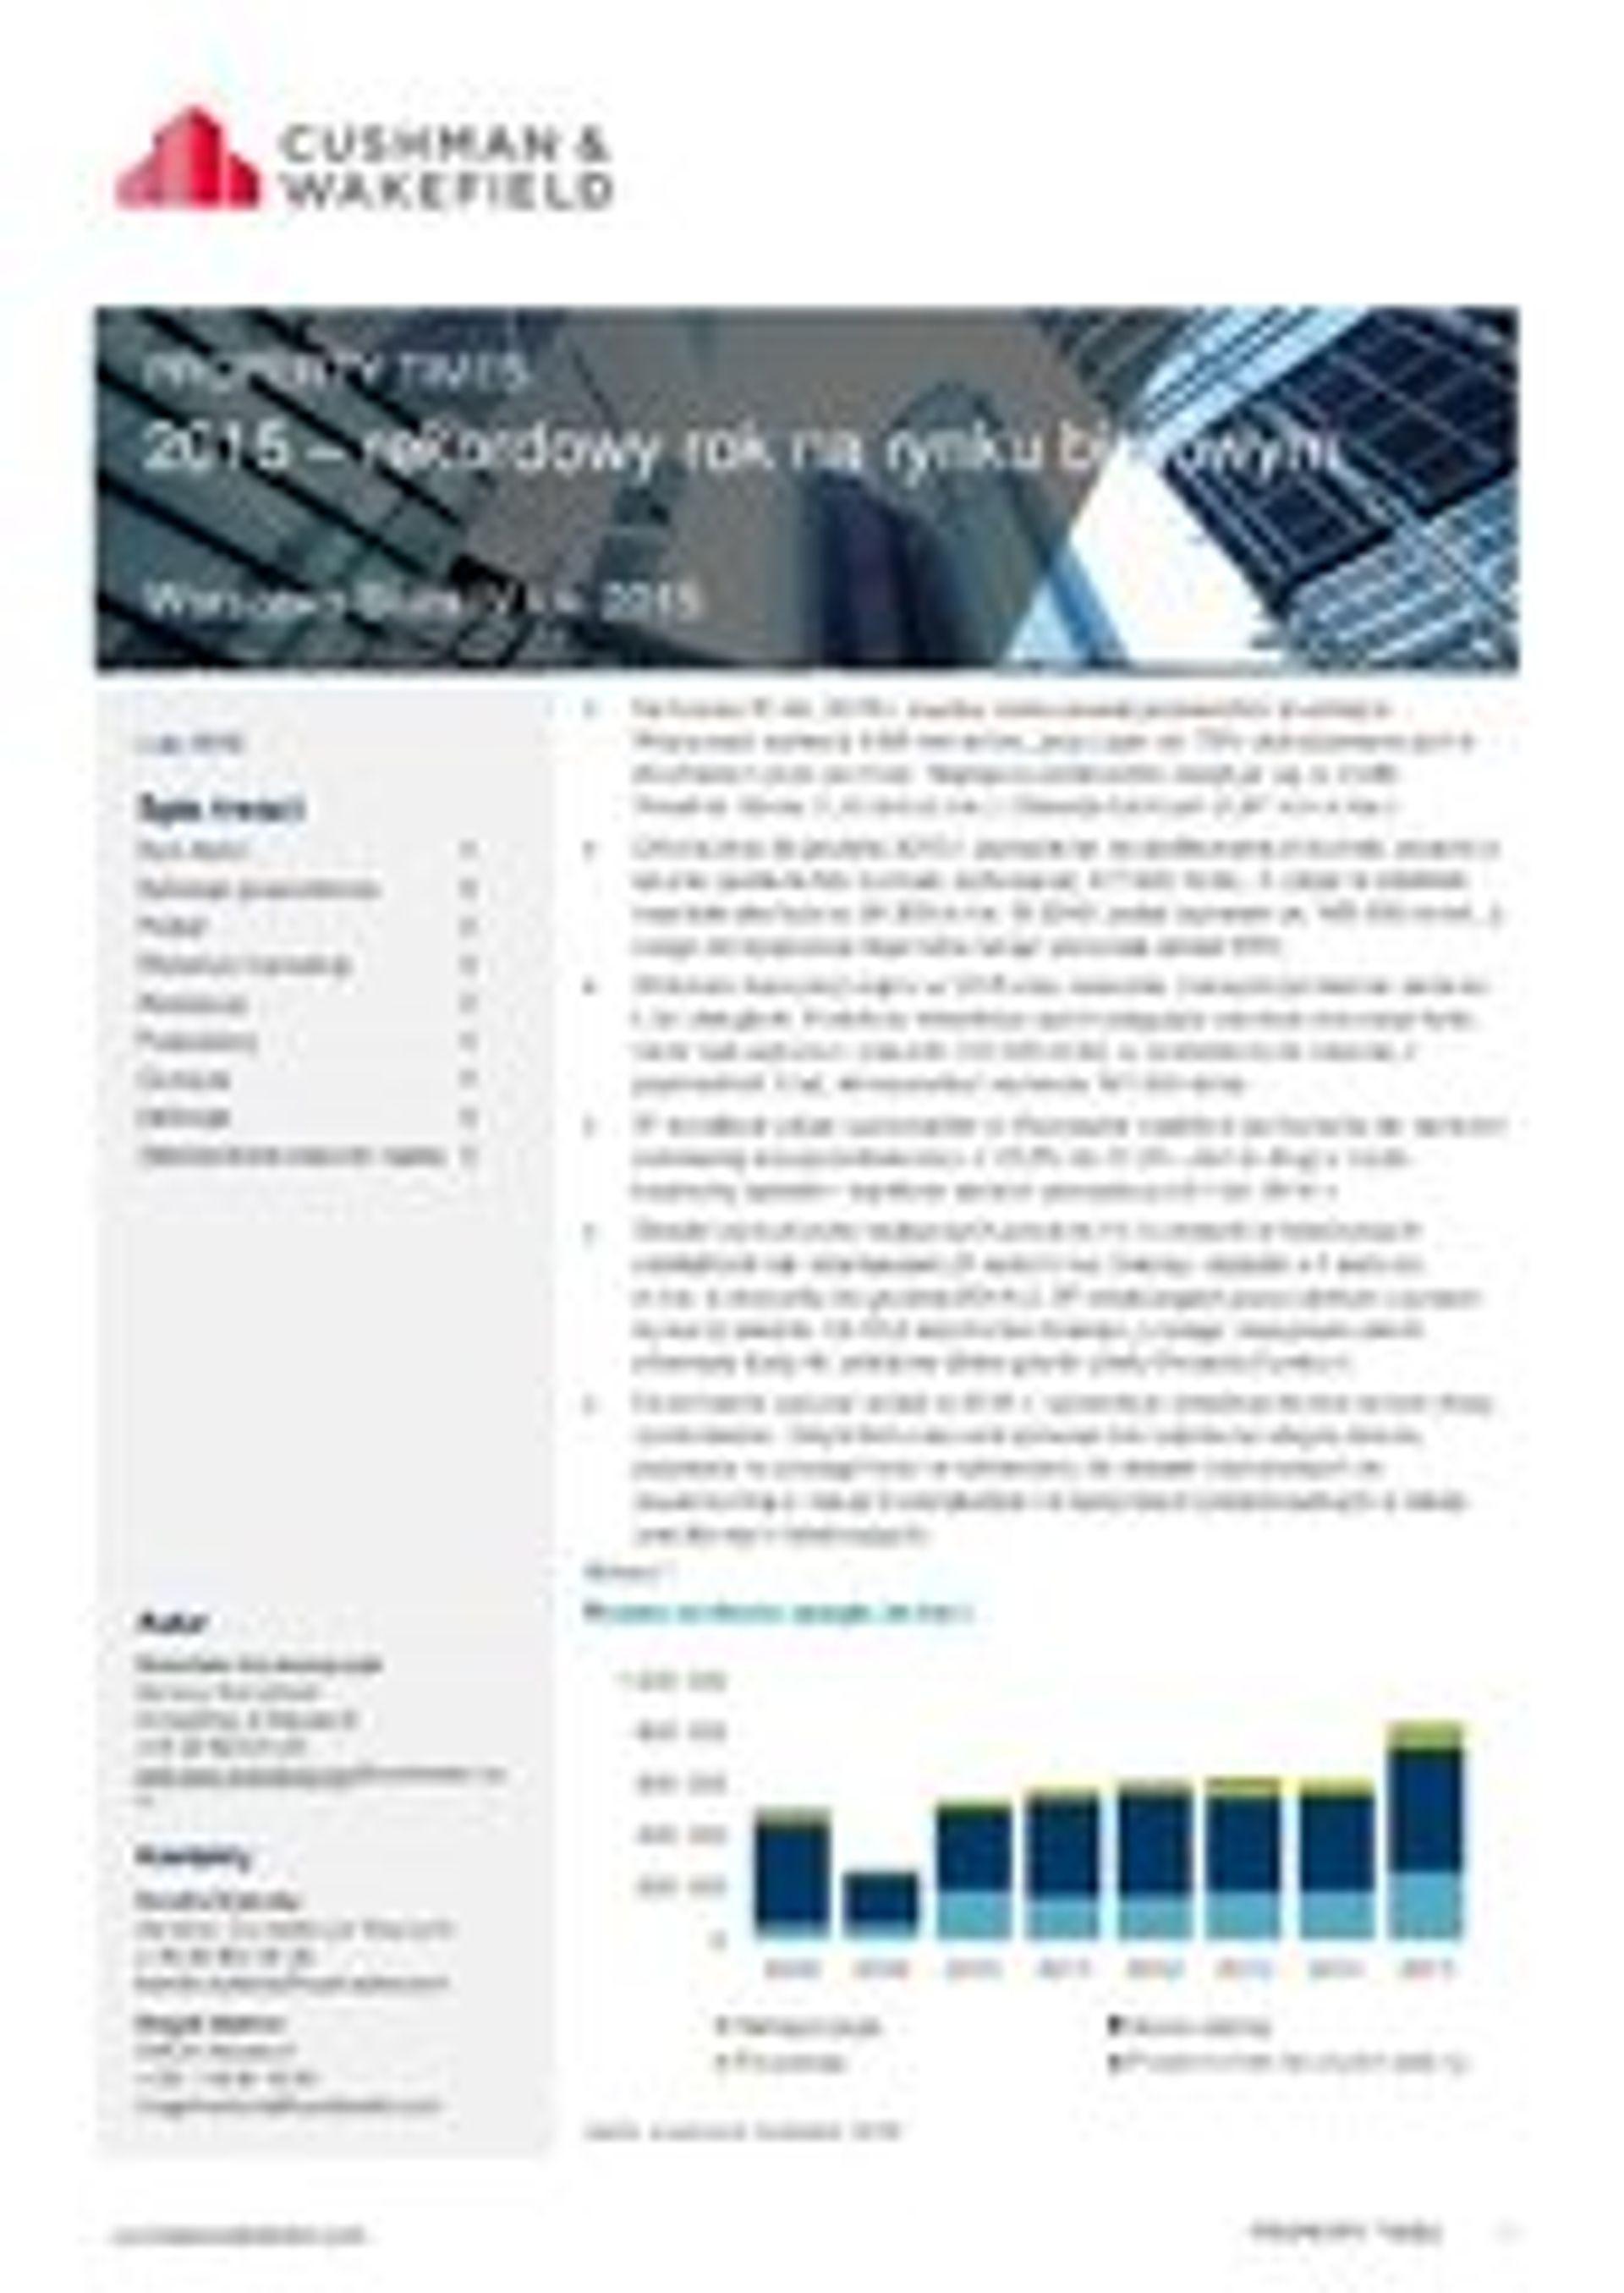 [Warszawa] Dynamiczny rozwój warszawskiego rynku biurowego